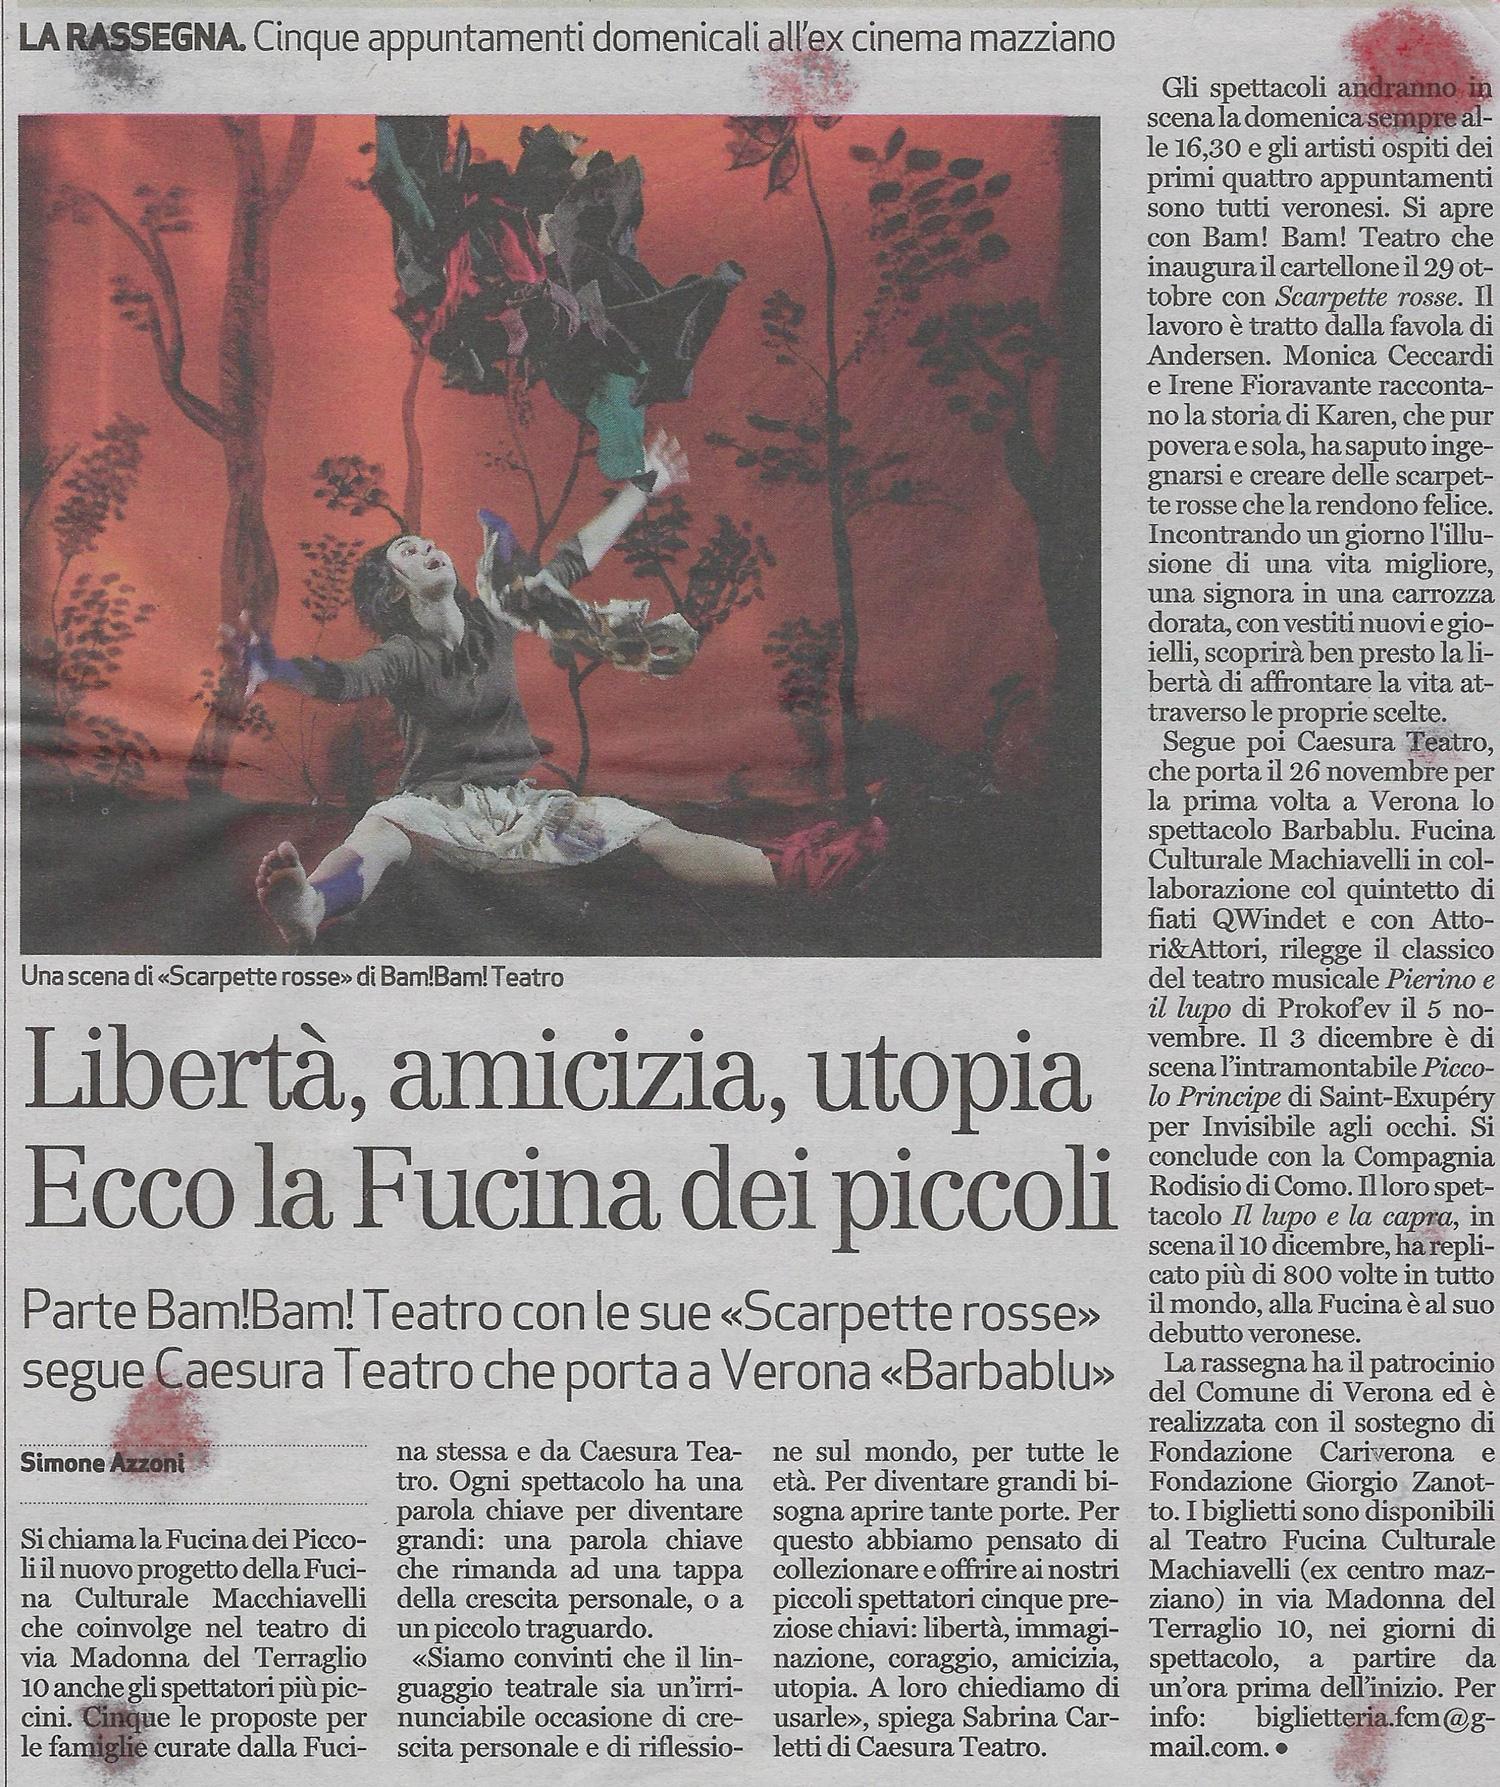 L'arena_spettacoli_Verona